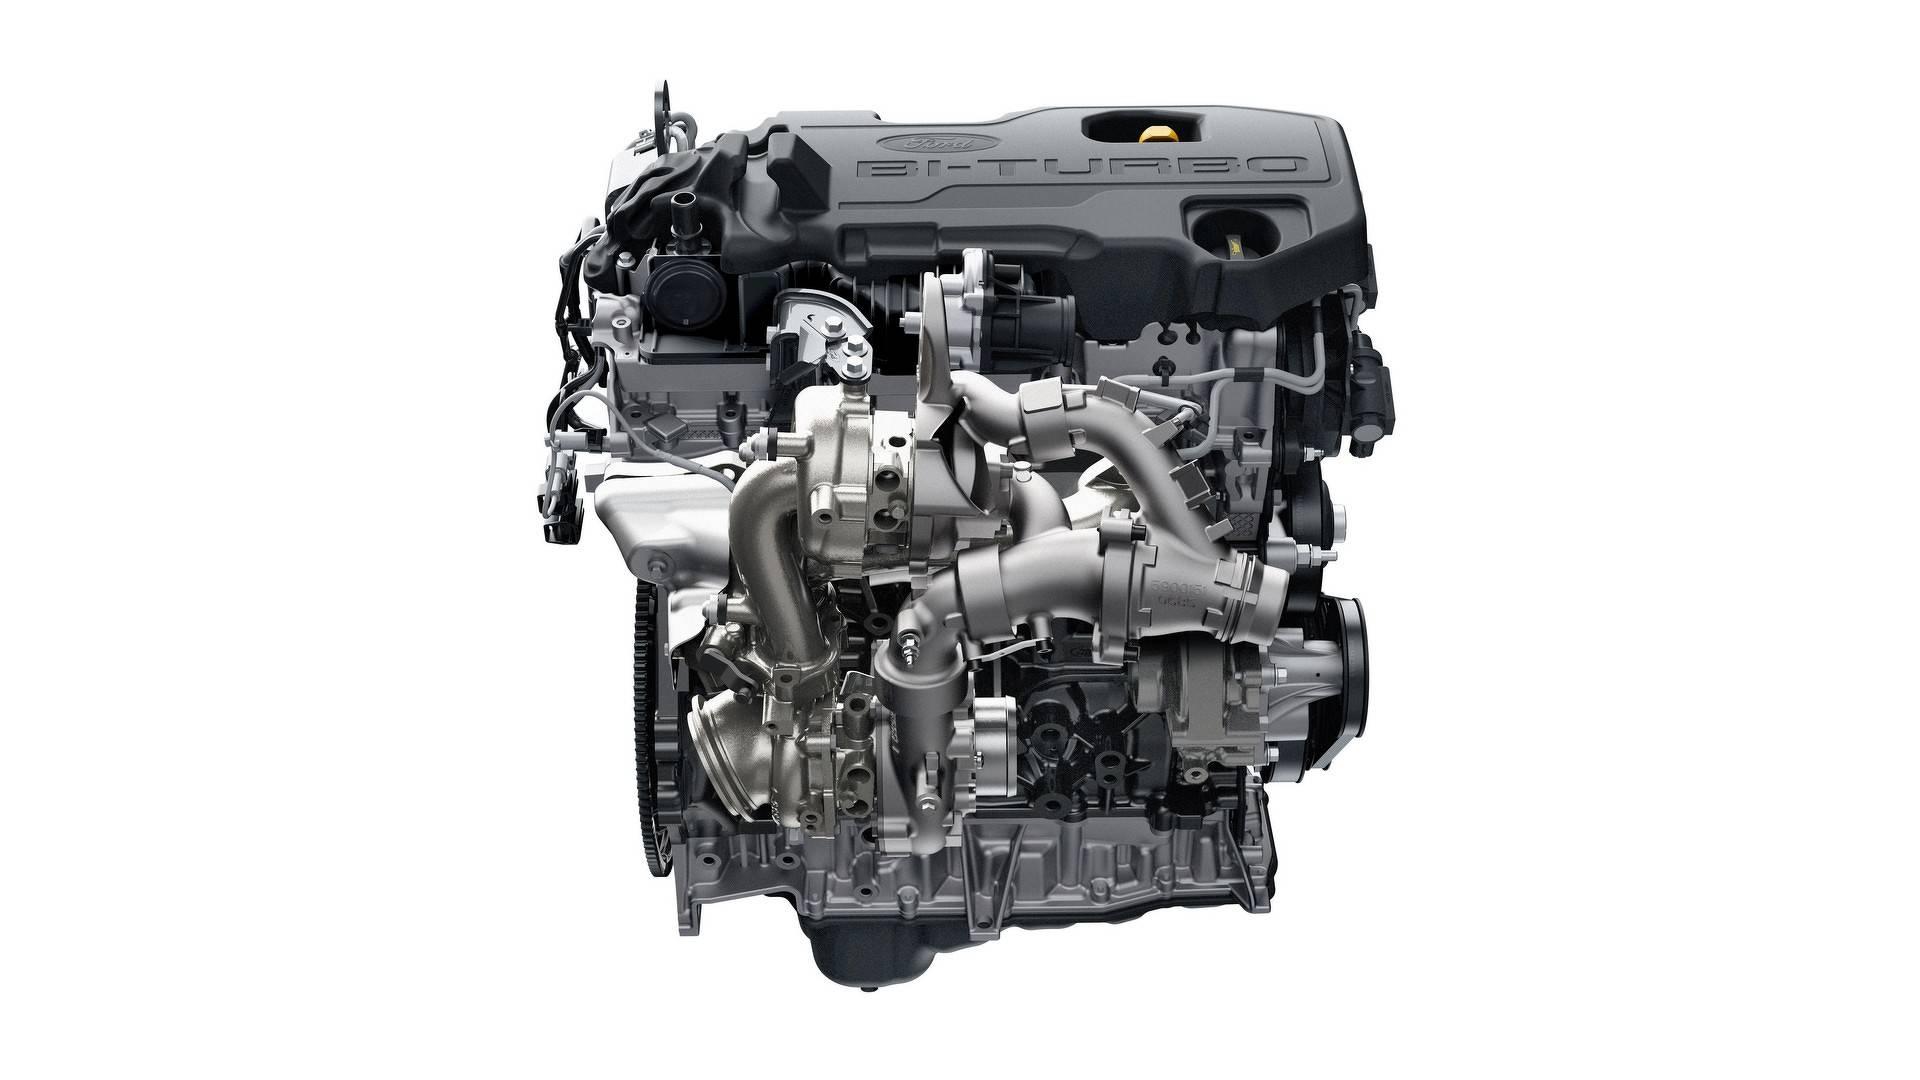 Vì sao Ford chọn động cơ 04 xy-lanh 2.0L cho Ranger Raptor 2018? - 3